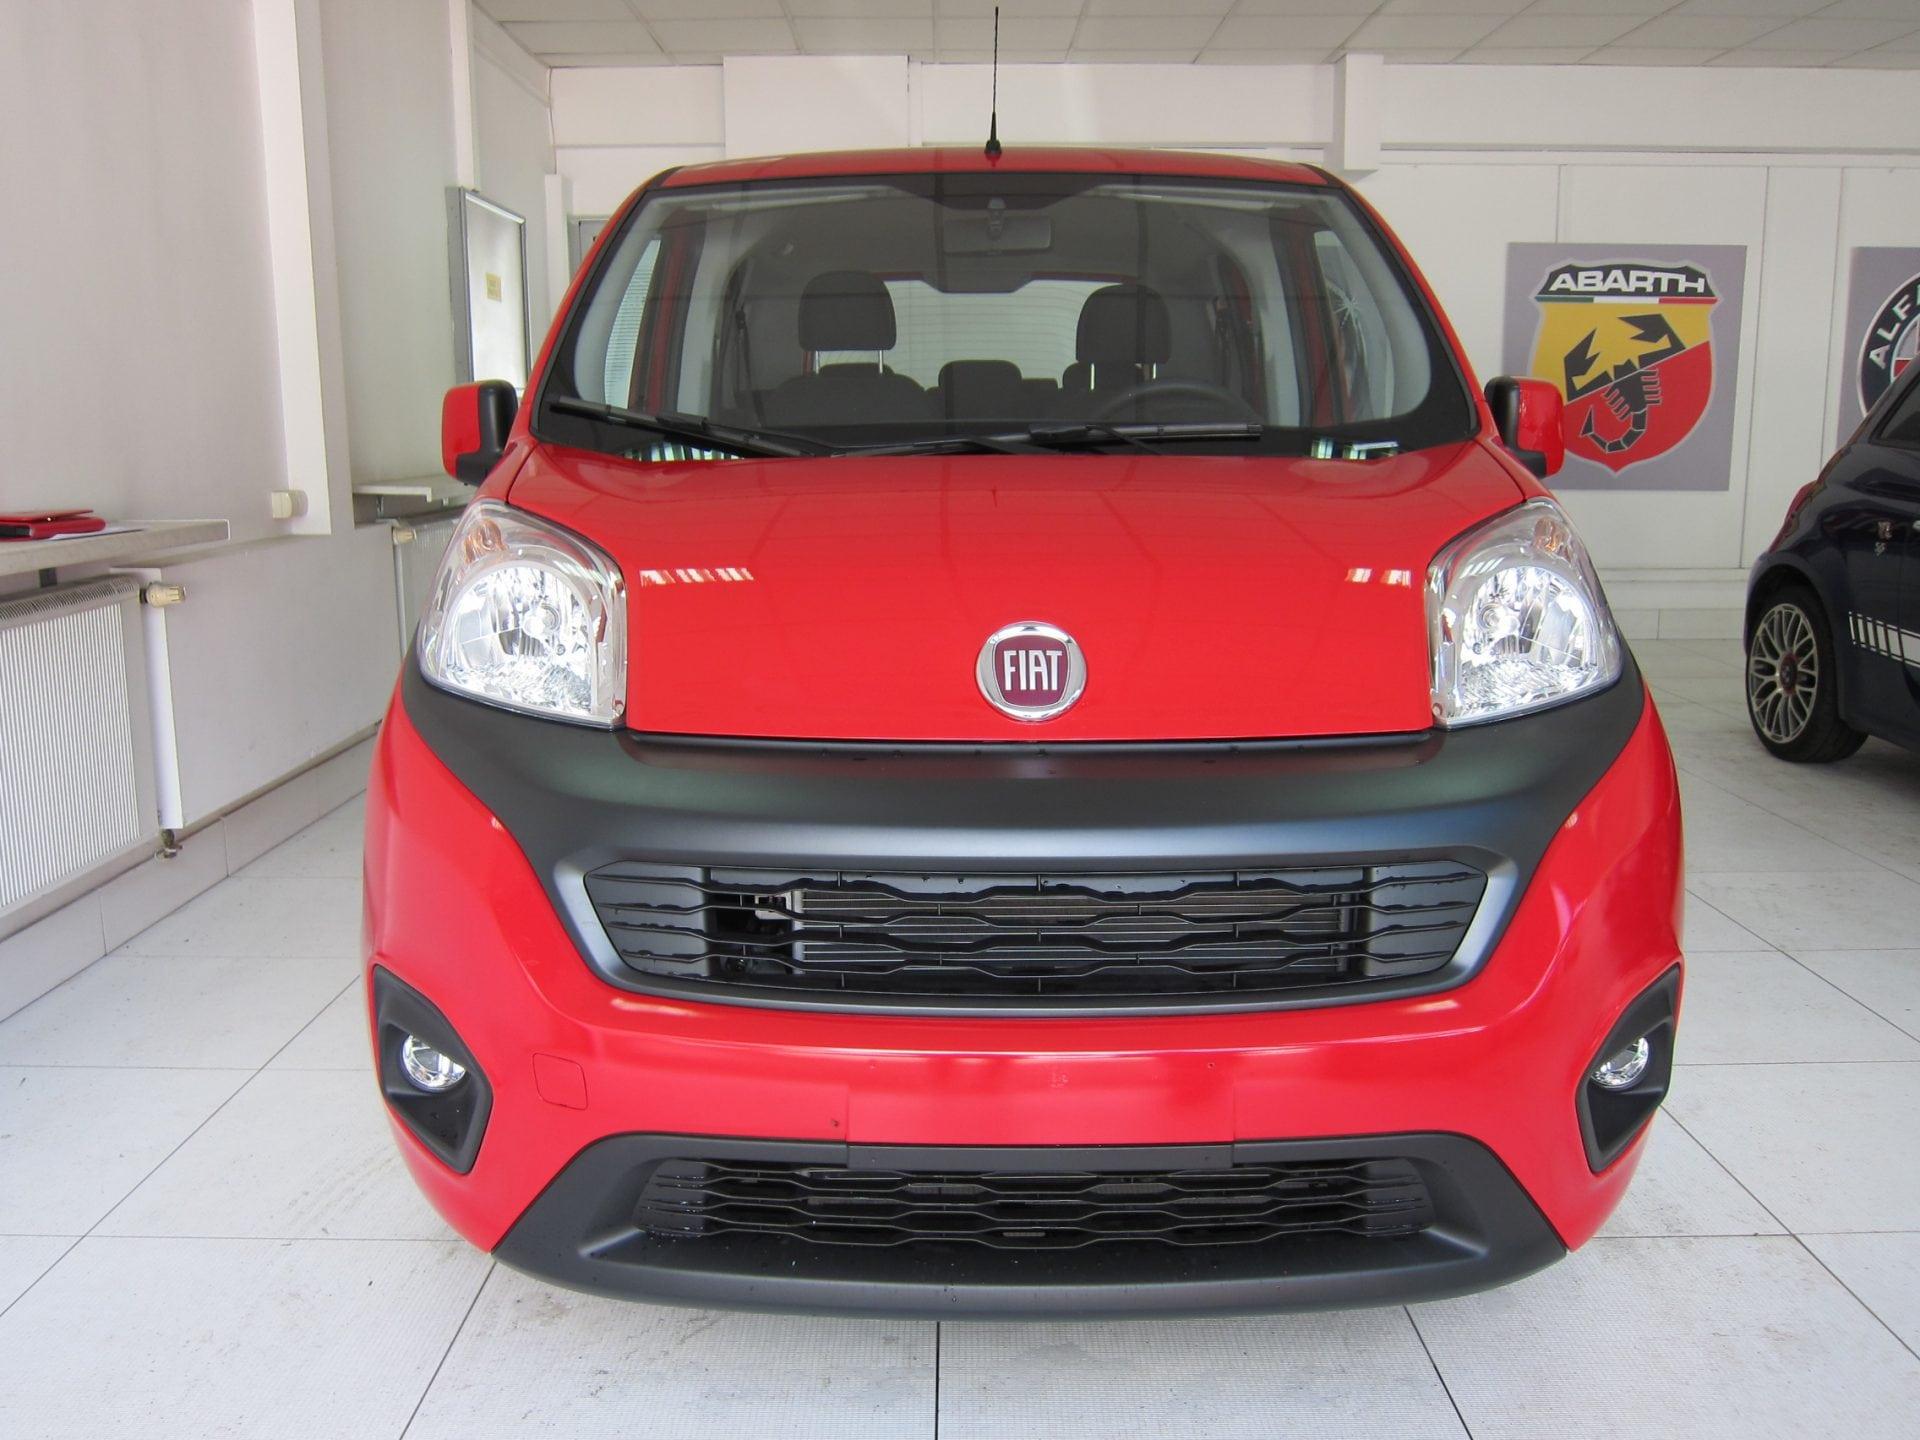 Fiat Qubo: wyjątkowy kombivan dla całej rodziny 24